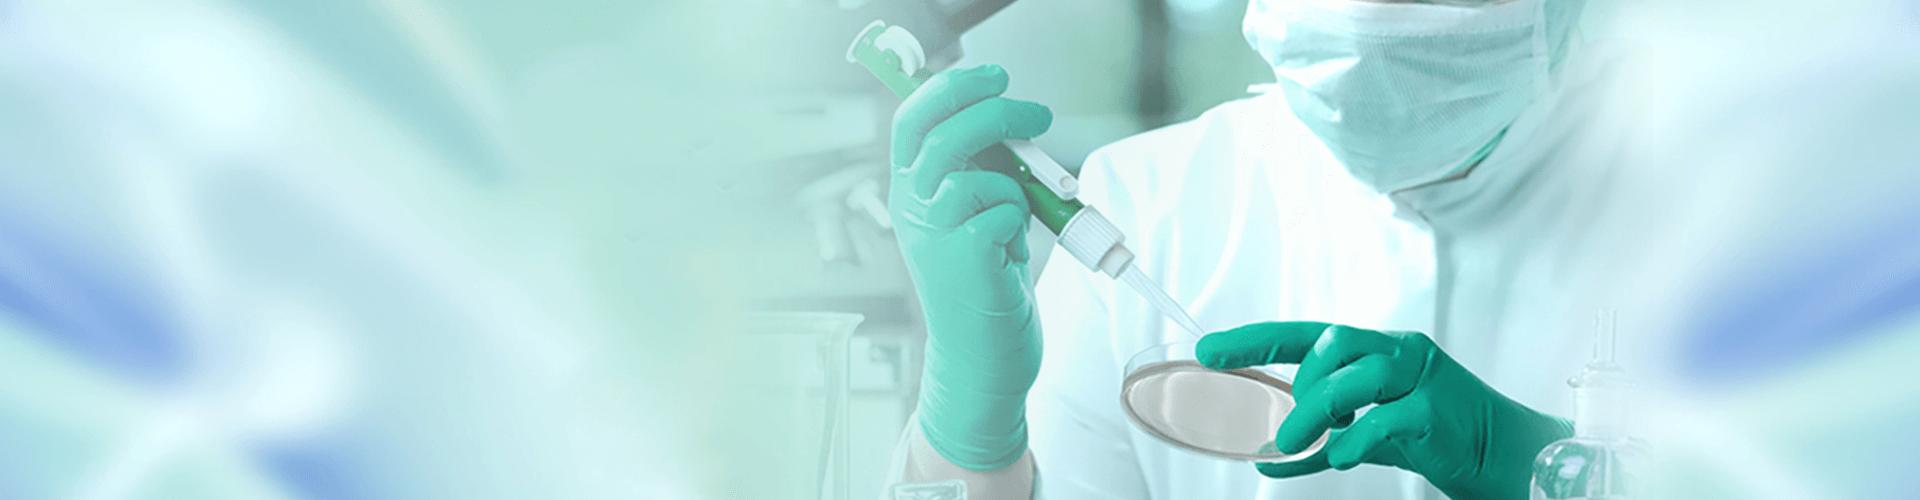 江西日瑞医疗设备有限公司